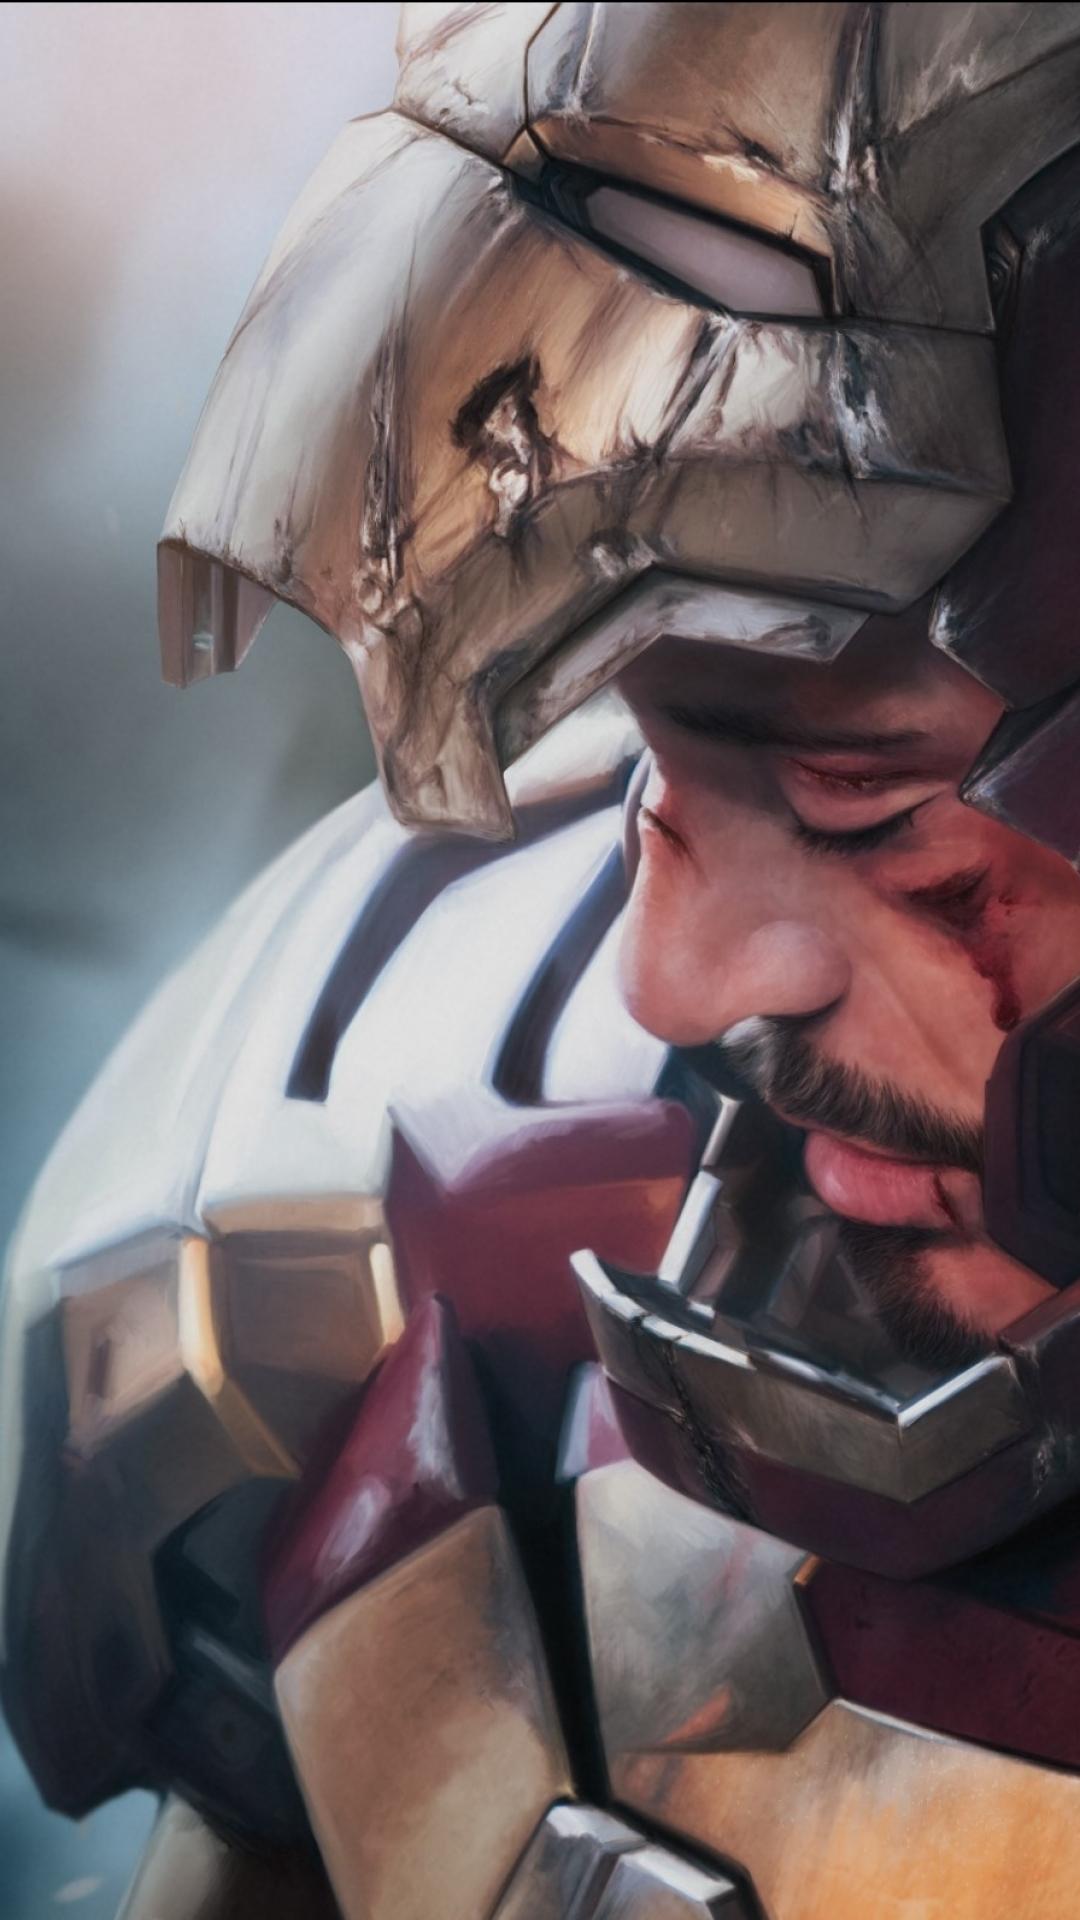 Tony Stark Wallpaper 4k For Mobile - HD Wallpaper